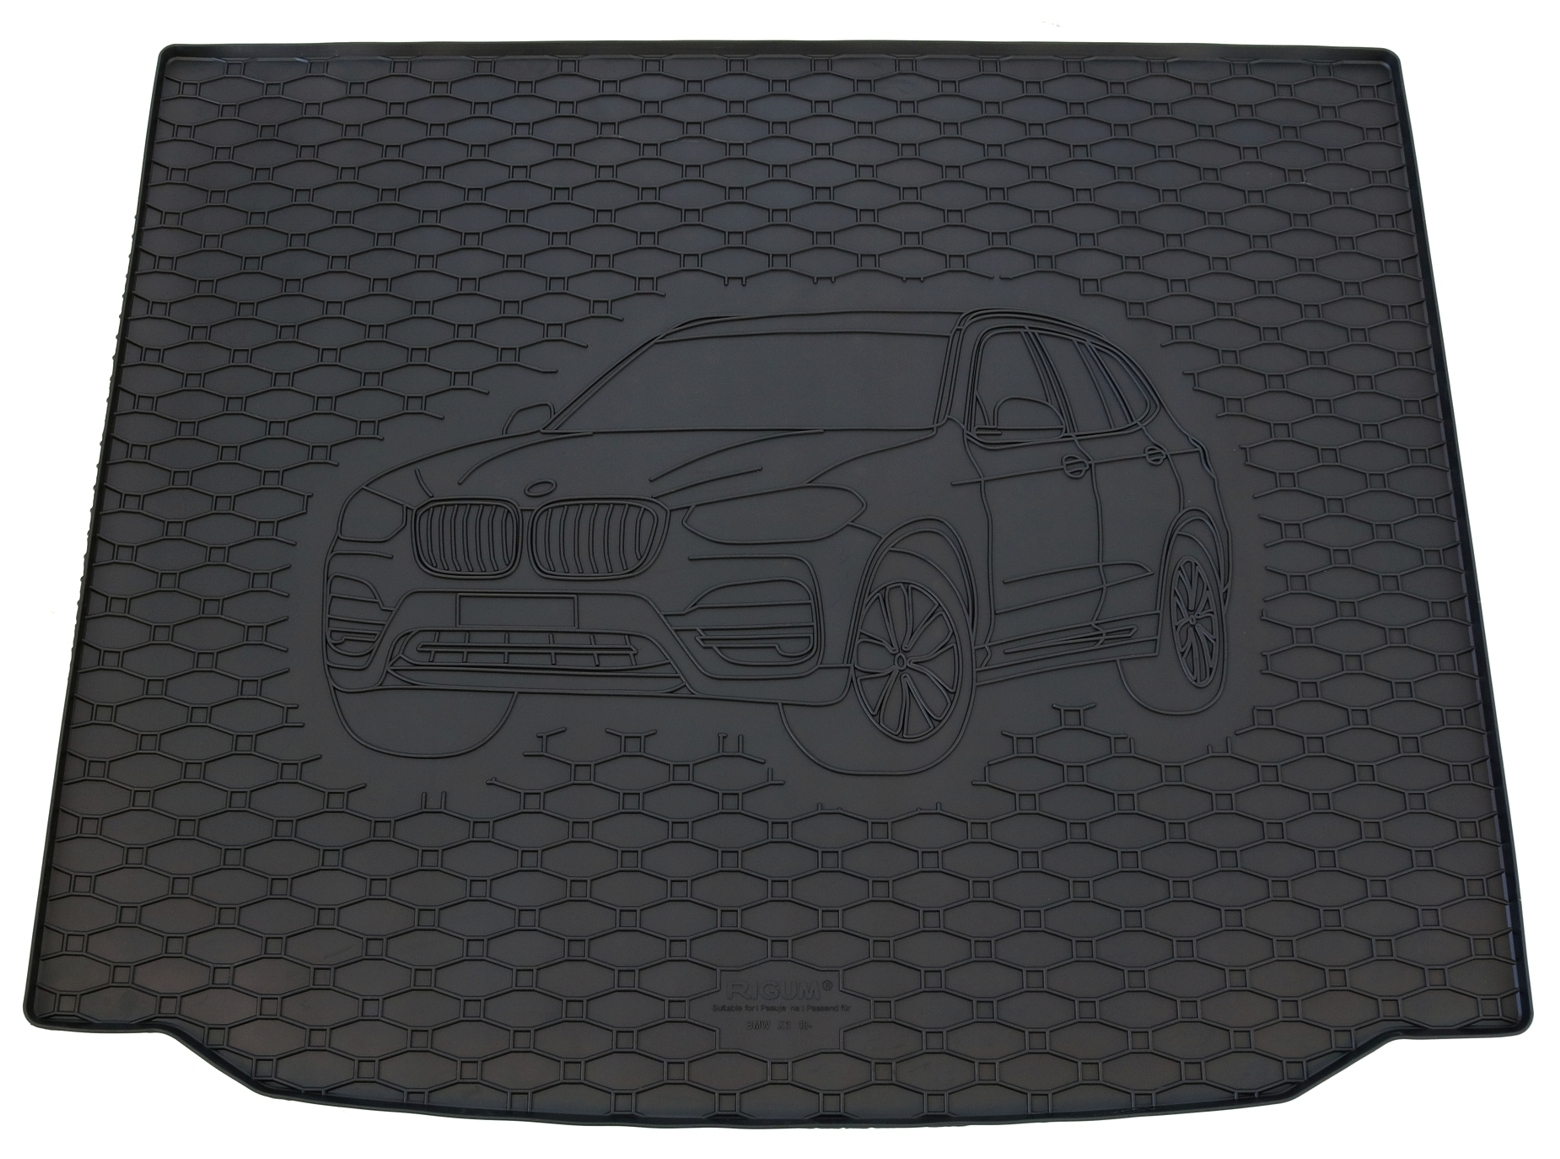 Kofferraumwanne für BMW X1 F48 2014 Laderaumwanne Gummiwanne Motiv Matte Wanne